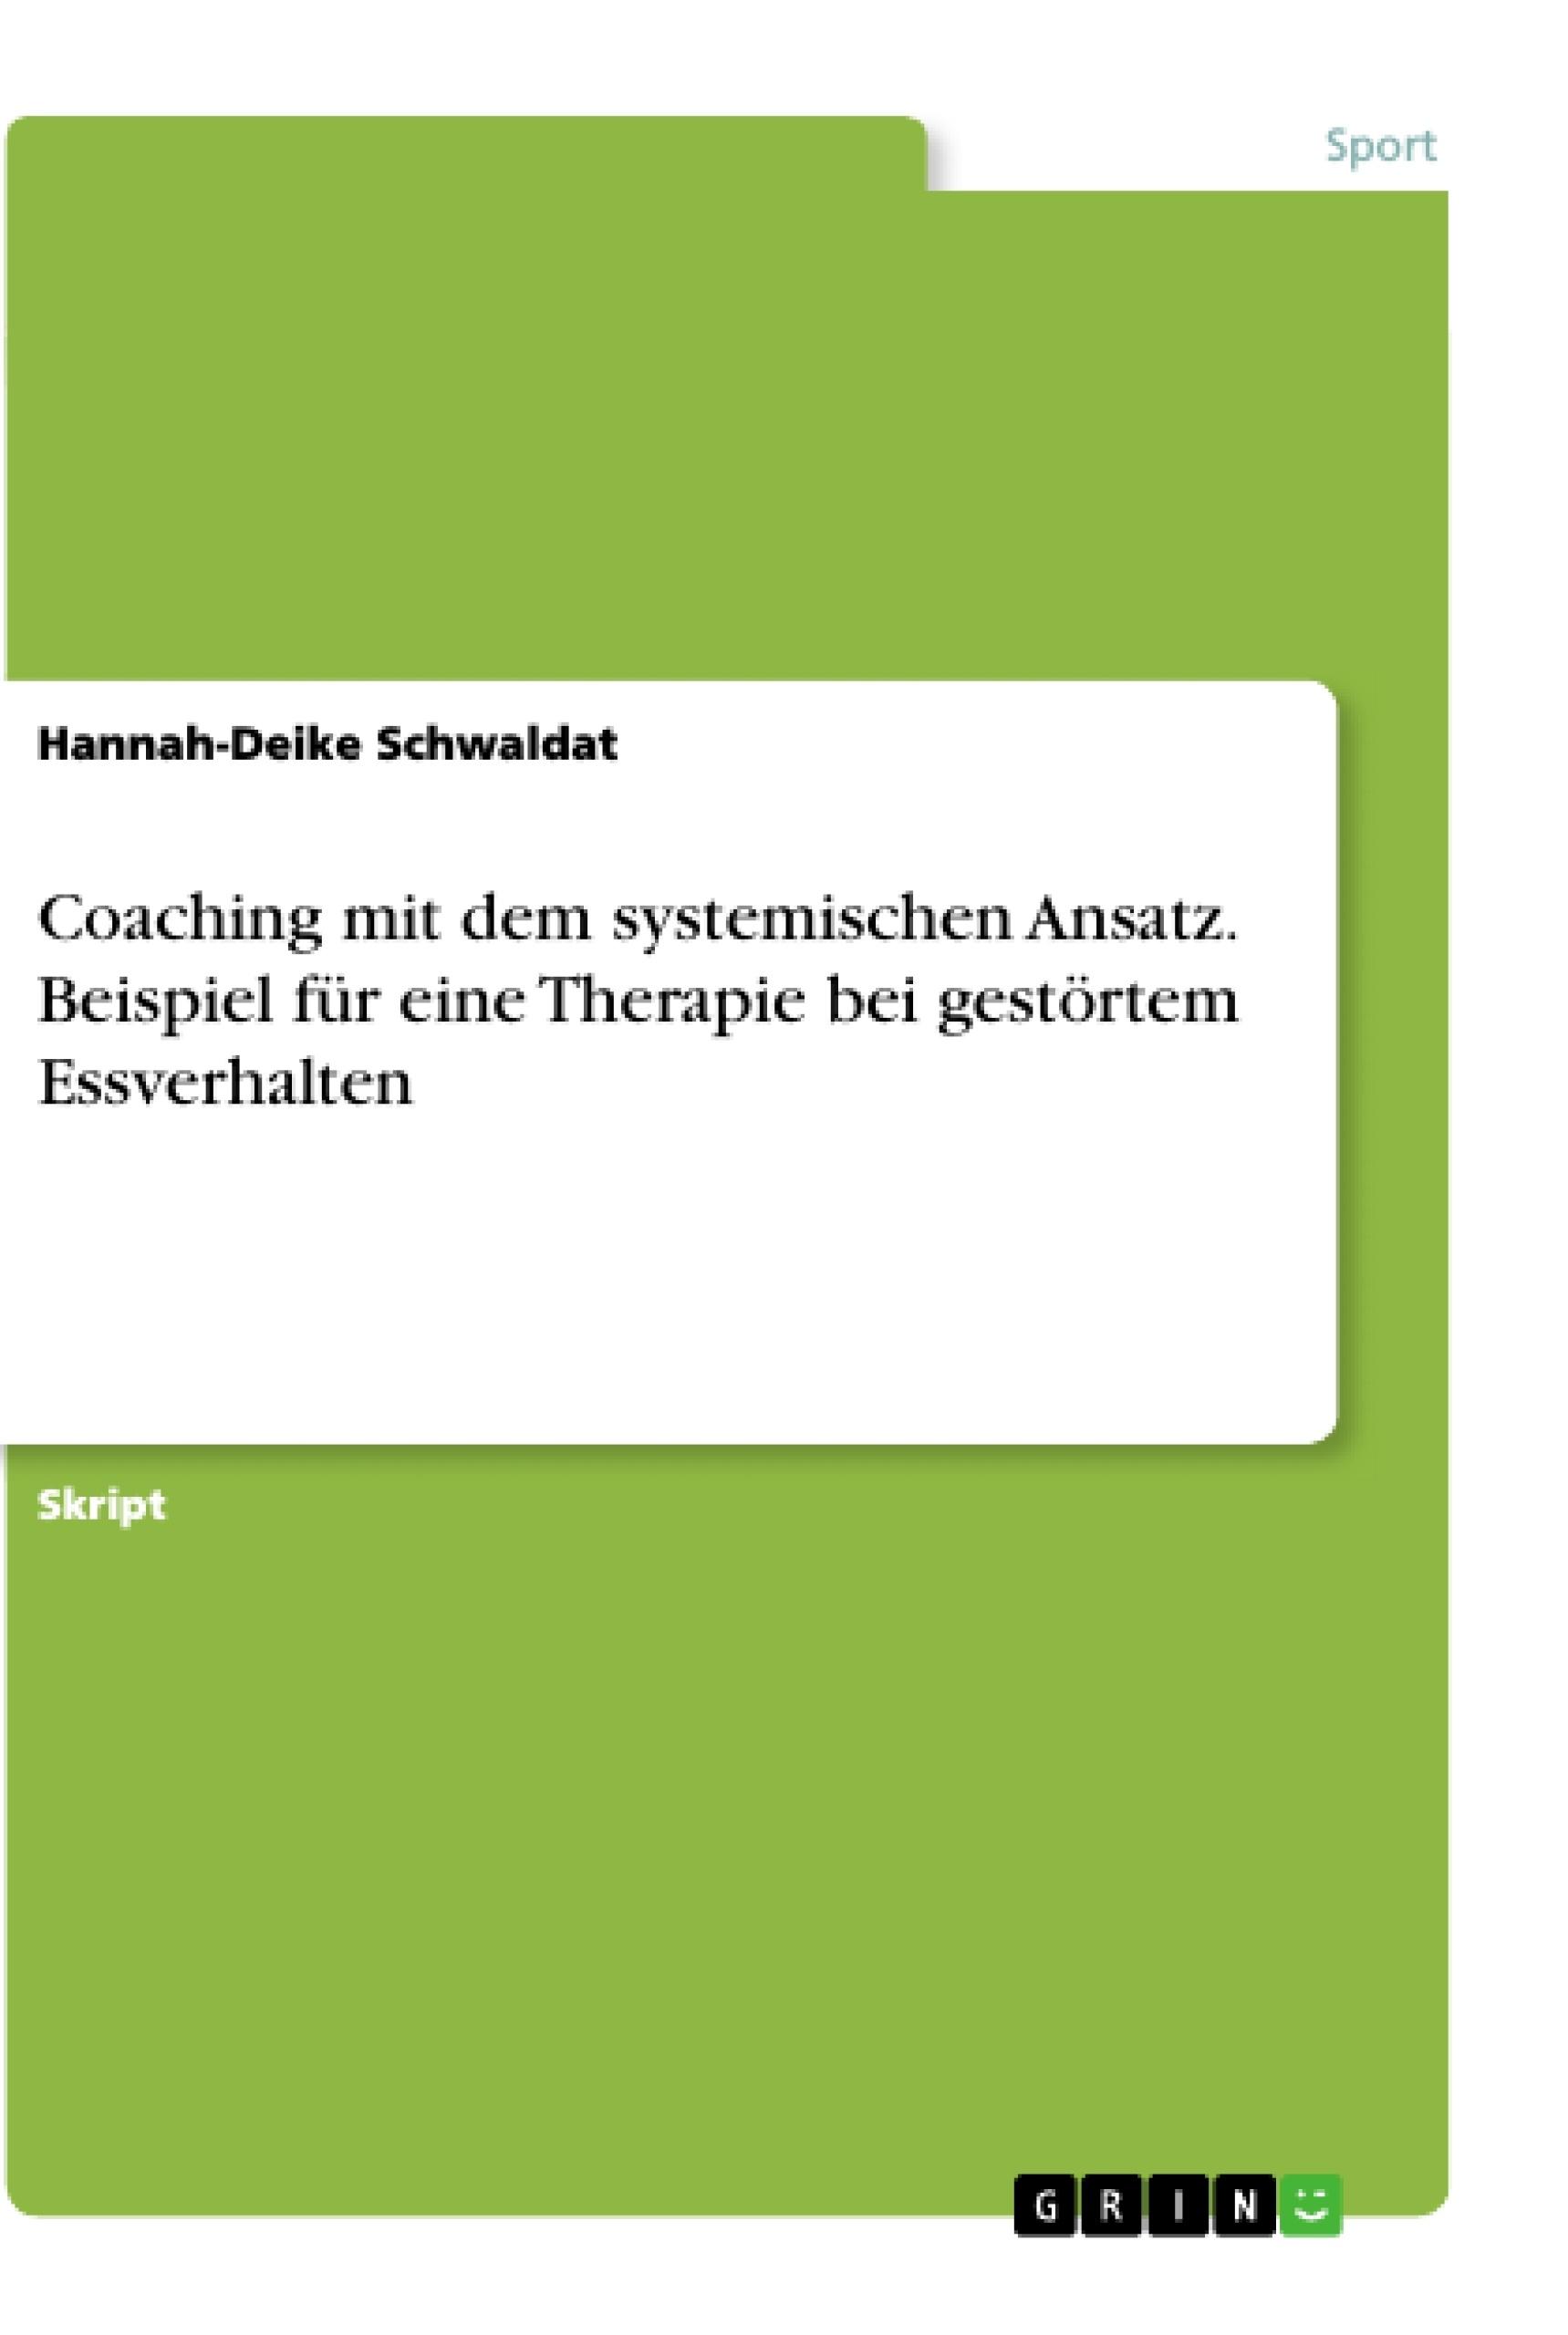 Titel: Coaching mit dem systemischen Ansatz. Beispiel für eine Therapie bei gestörtem Essverhalten